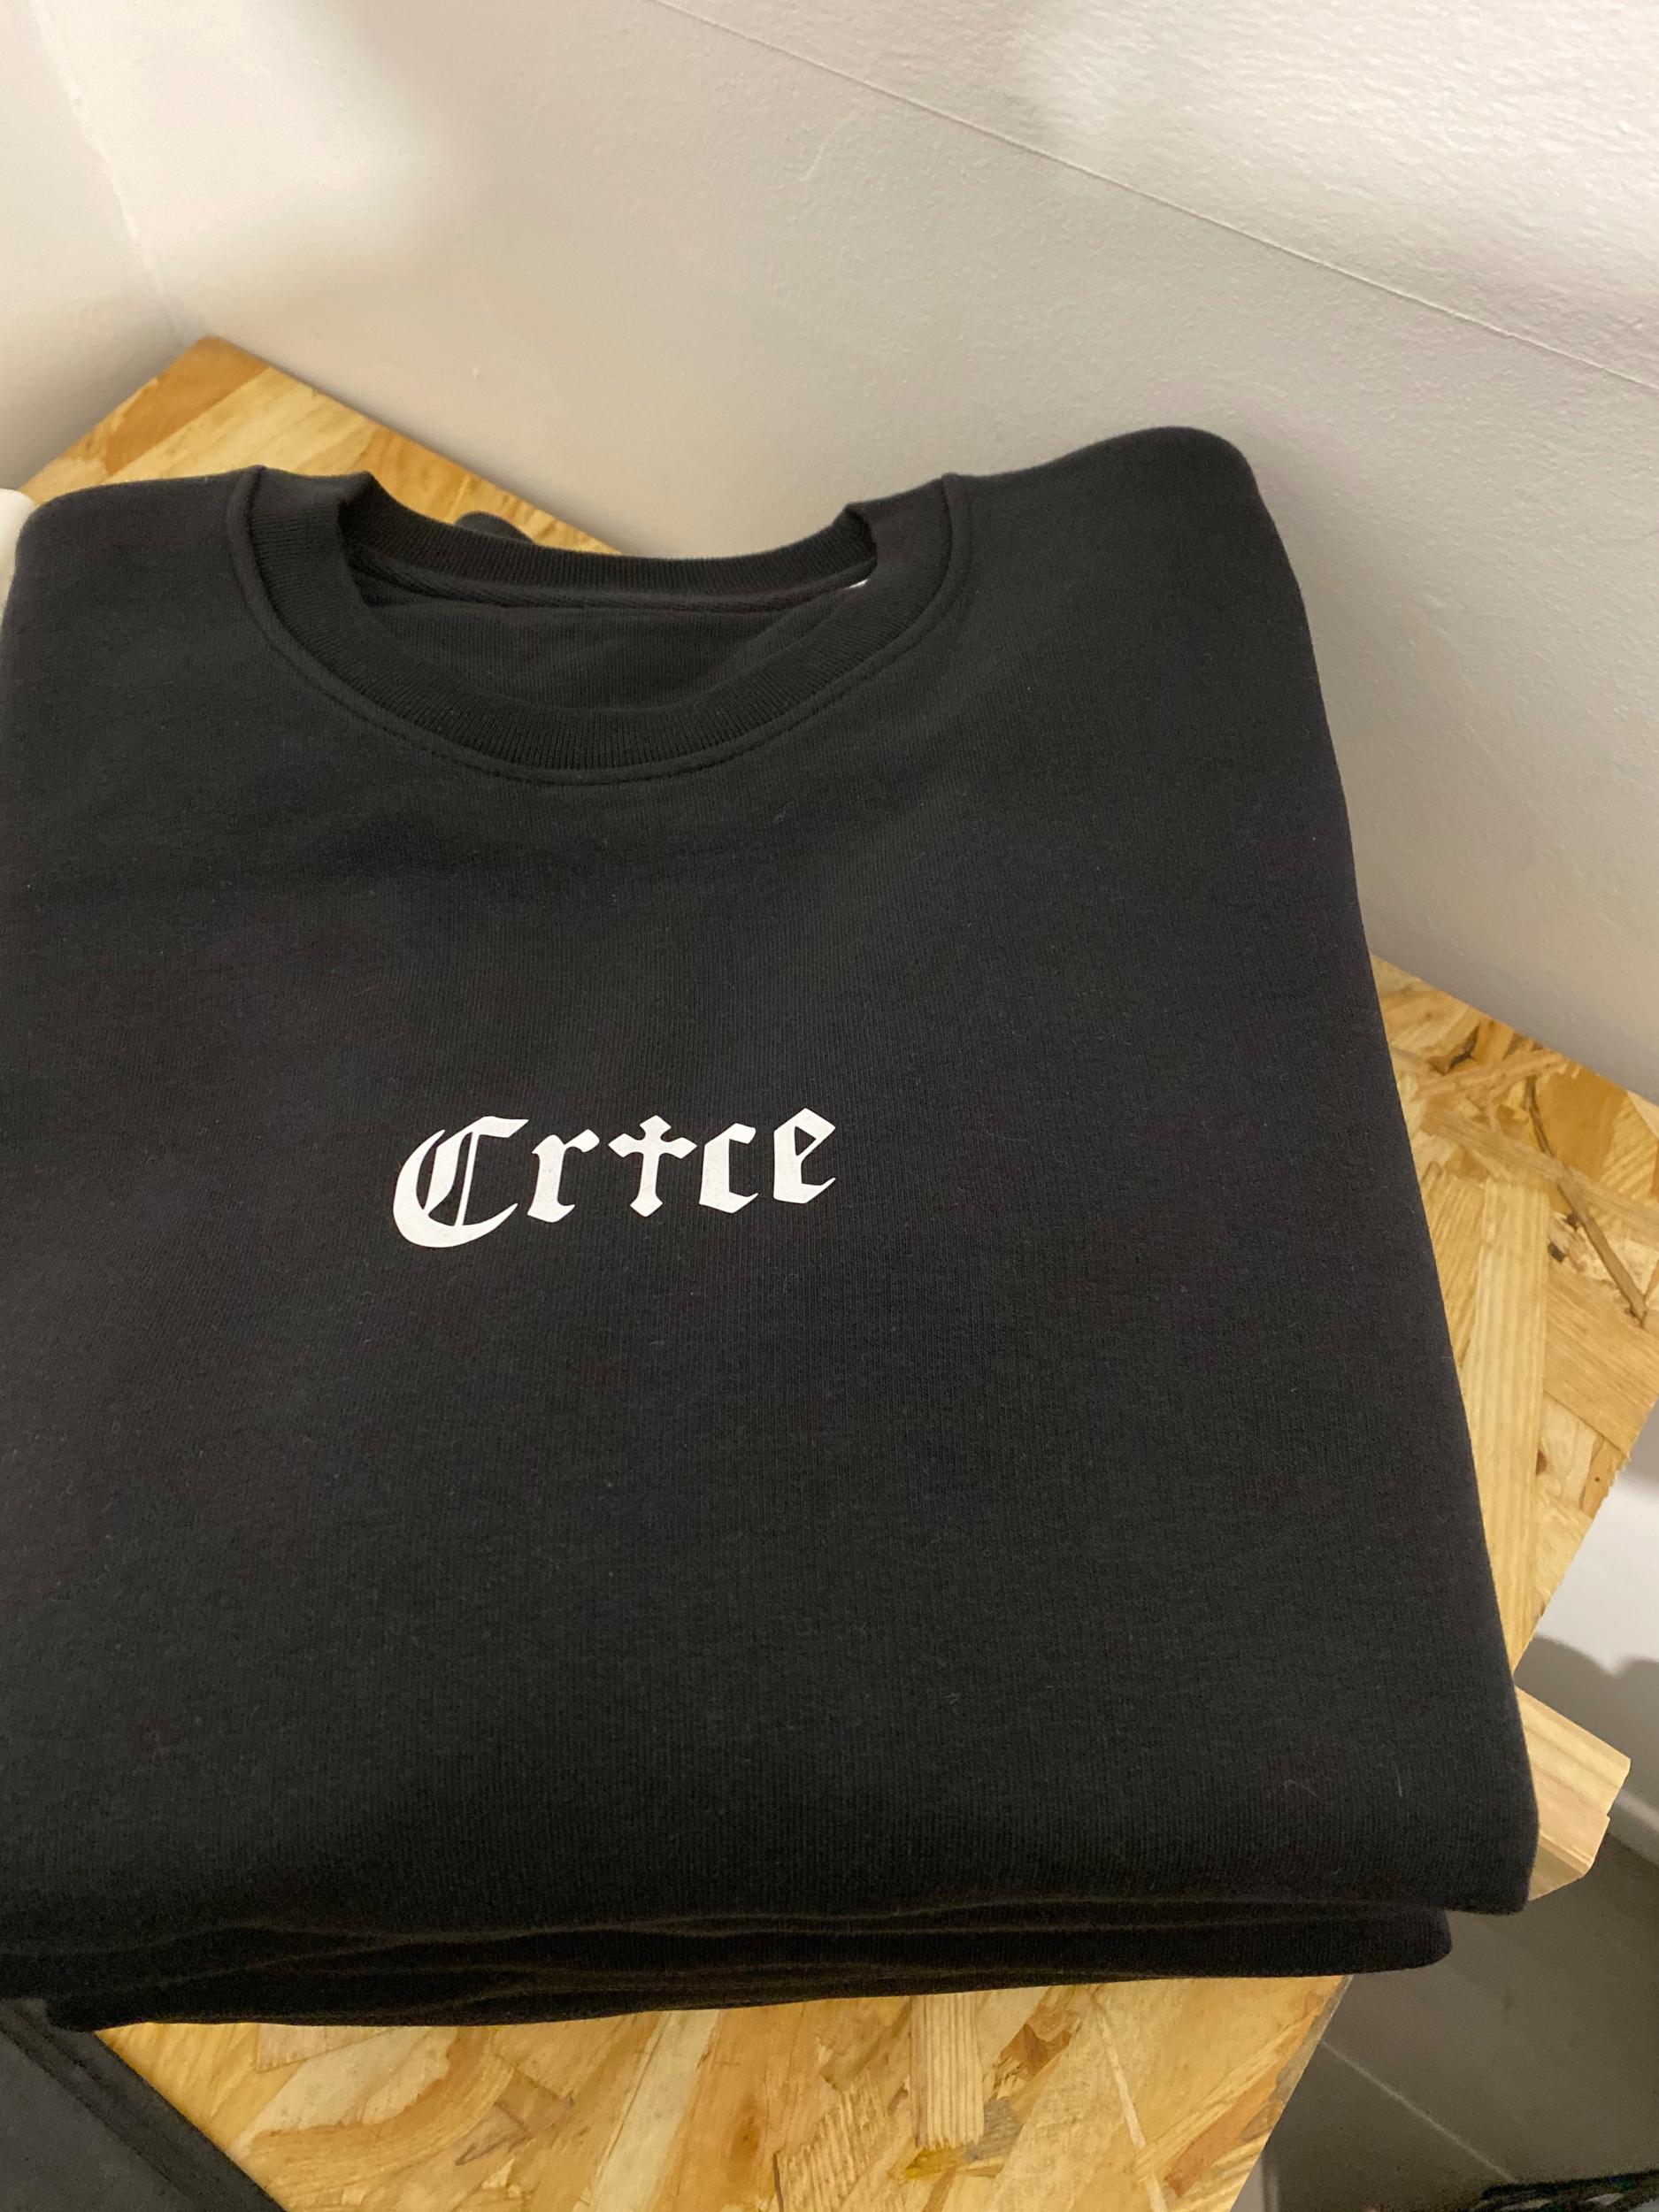 CR+CE